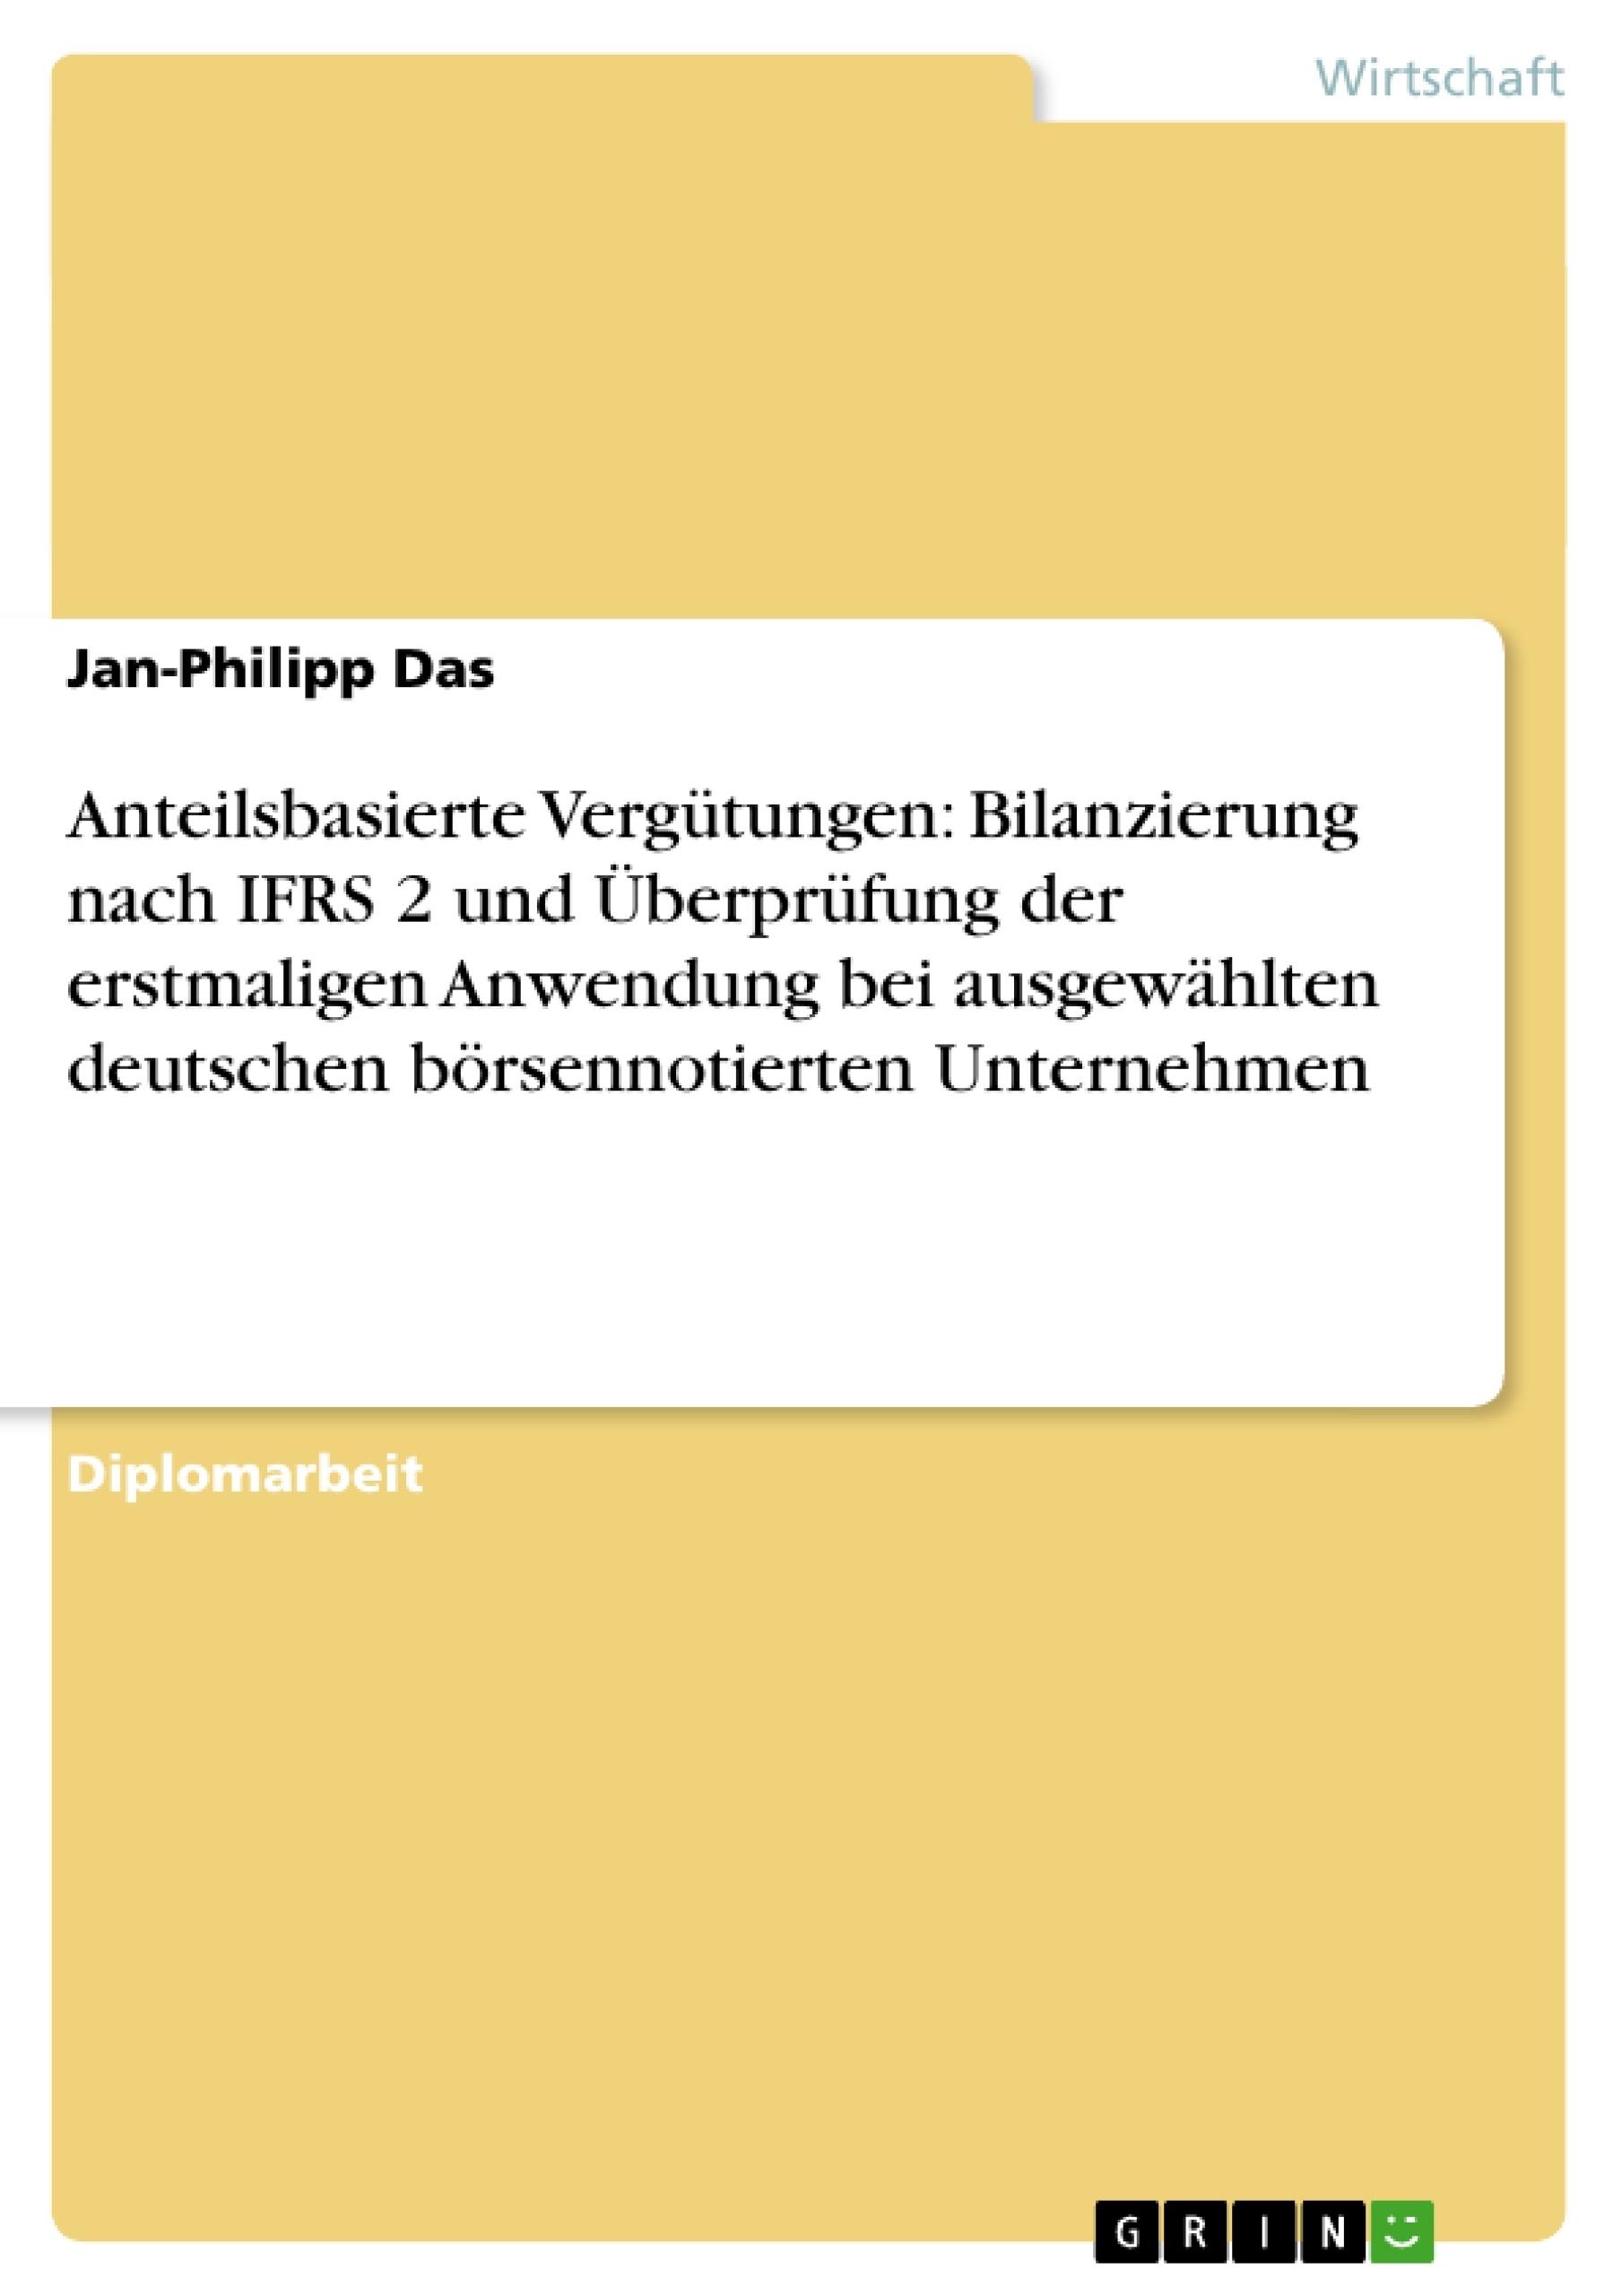 Titel: Anteilsbasierte Vergütungen: Bilanzierung nach IFRS 2 und Überprüfung der erstmaligen Anwendung bei ausgewählten deutschen börsennotierten Unternehmen